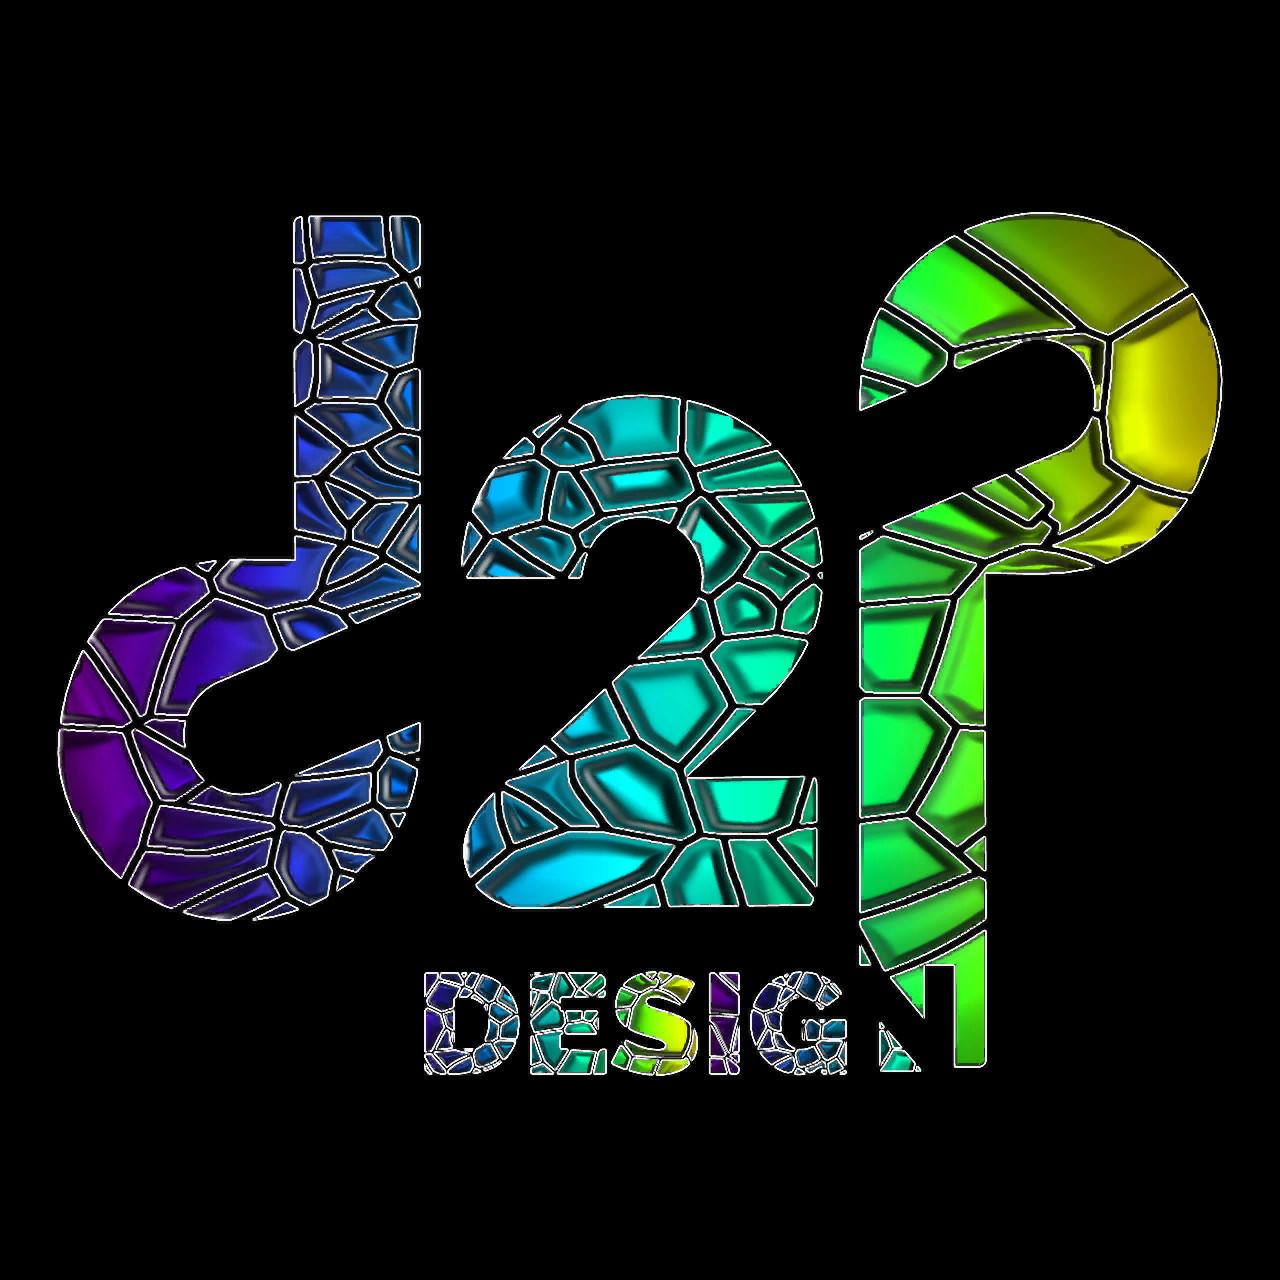 d2p_Voronoi_Logo_02.mov